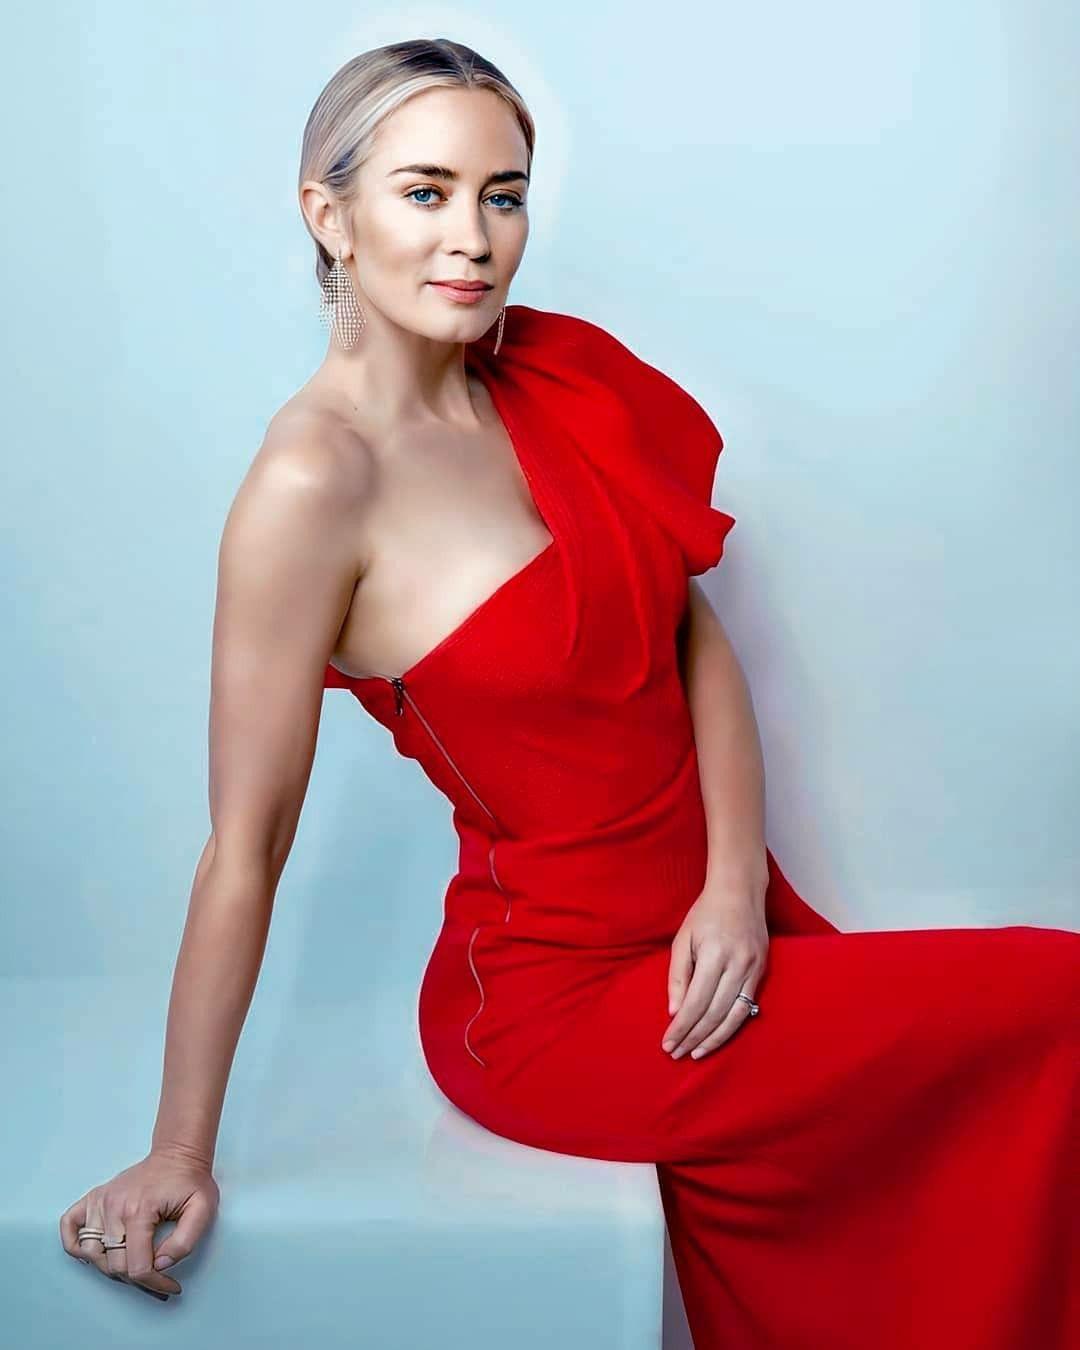 Pin By On Emily Blunt Emily Blunt Emily Blunt Body Red Dress Women